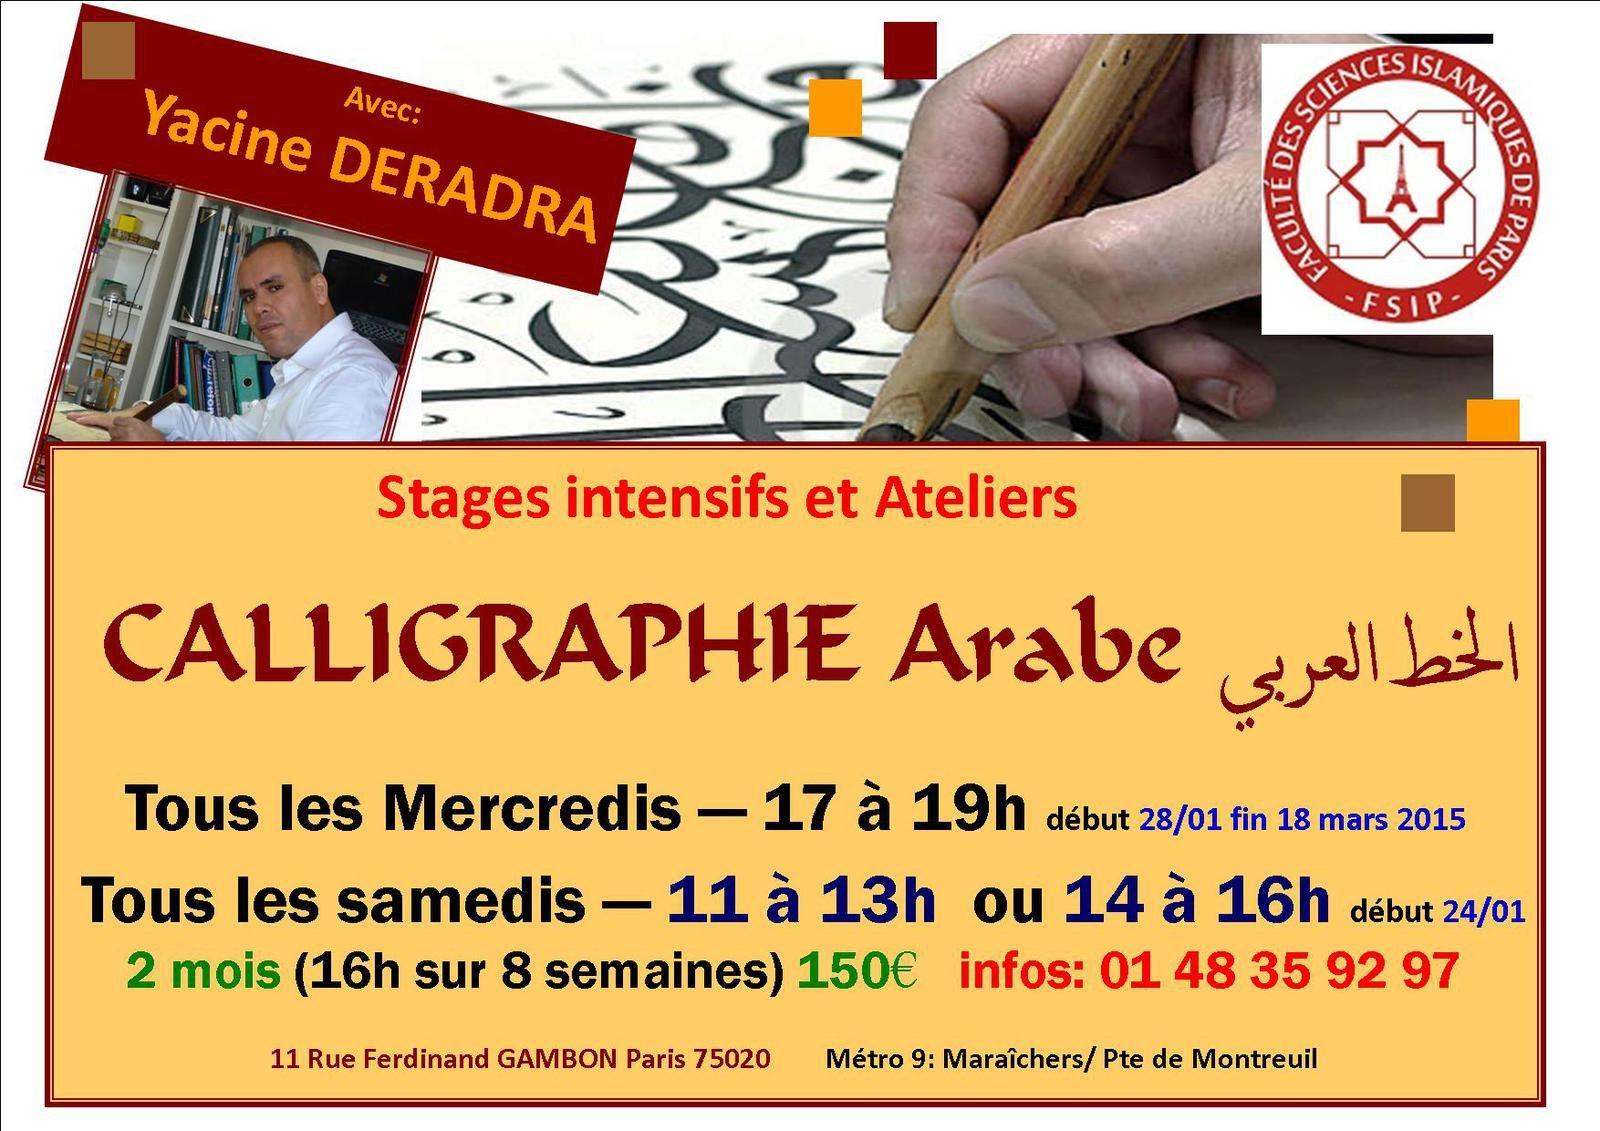 Nouvelles Classes d'arabe/Calligraphie/Sciences islamiques à la Faculté islamique de Paris FSIP دروس العربية و الخط و العلوم الإسلامية